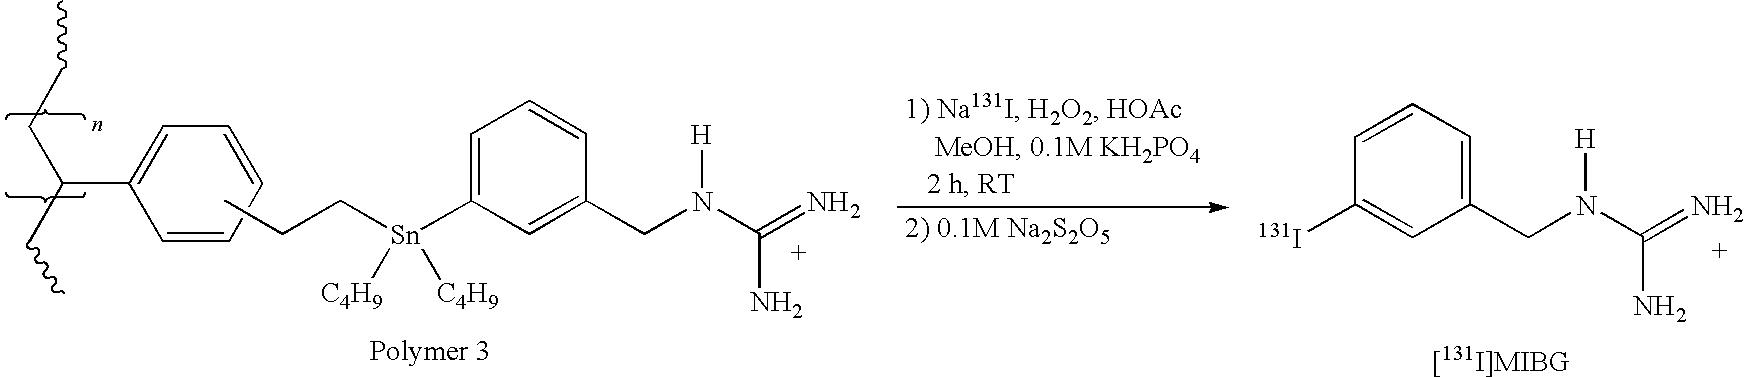 Figure US20100274052A1-20101028-C00023